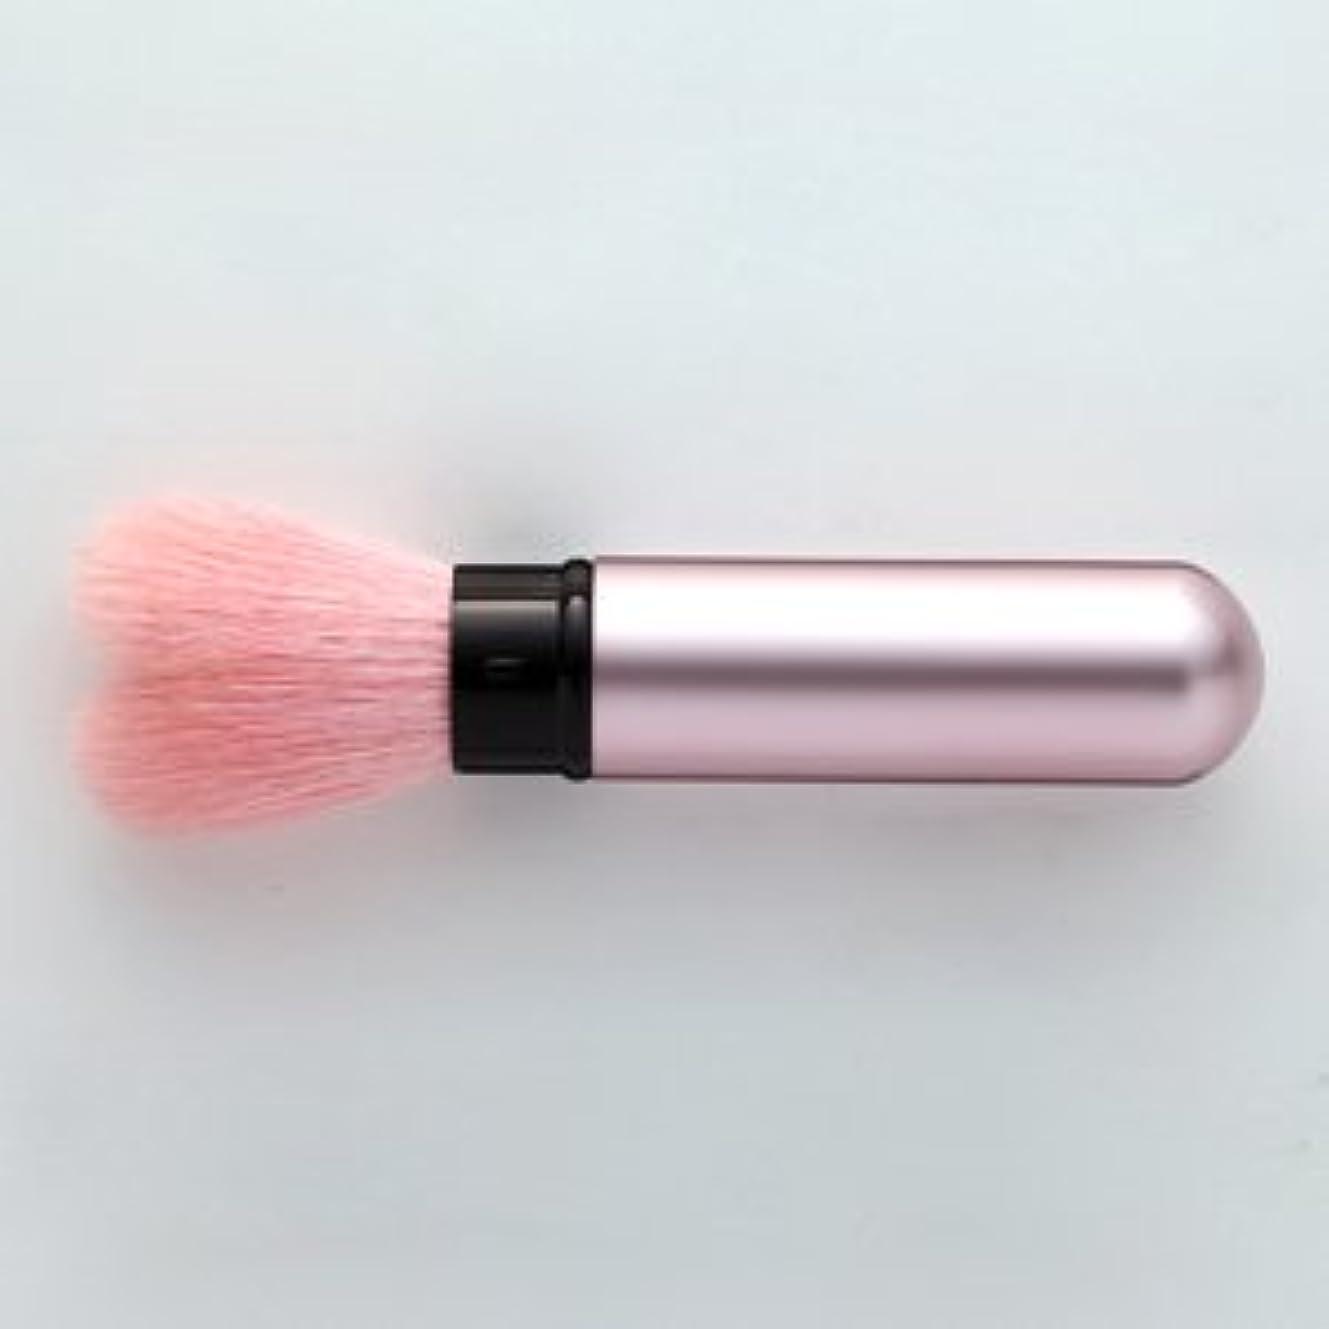 聴く歌プロポーショナル熊野筆 携帯タイプのハート型 チークブラシ モバイルハート (ピンク)